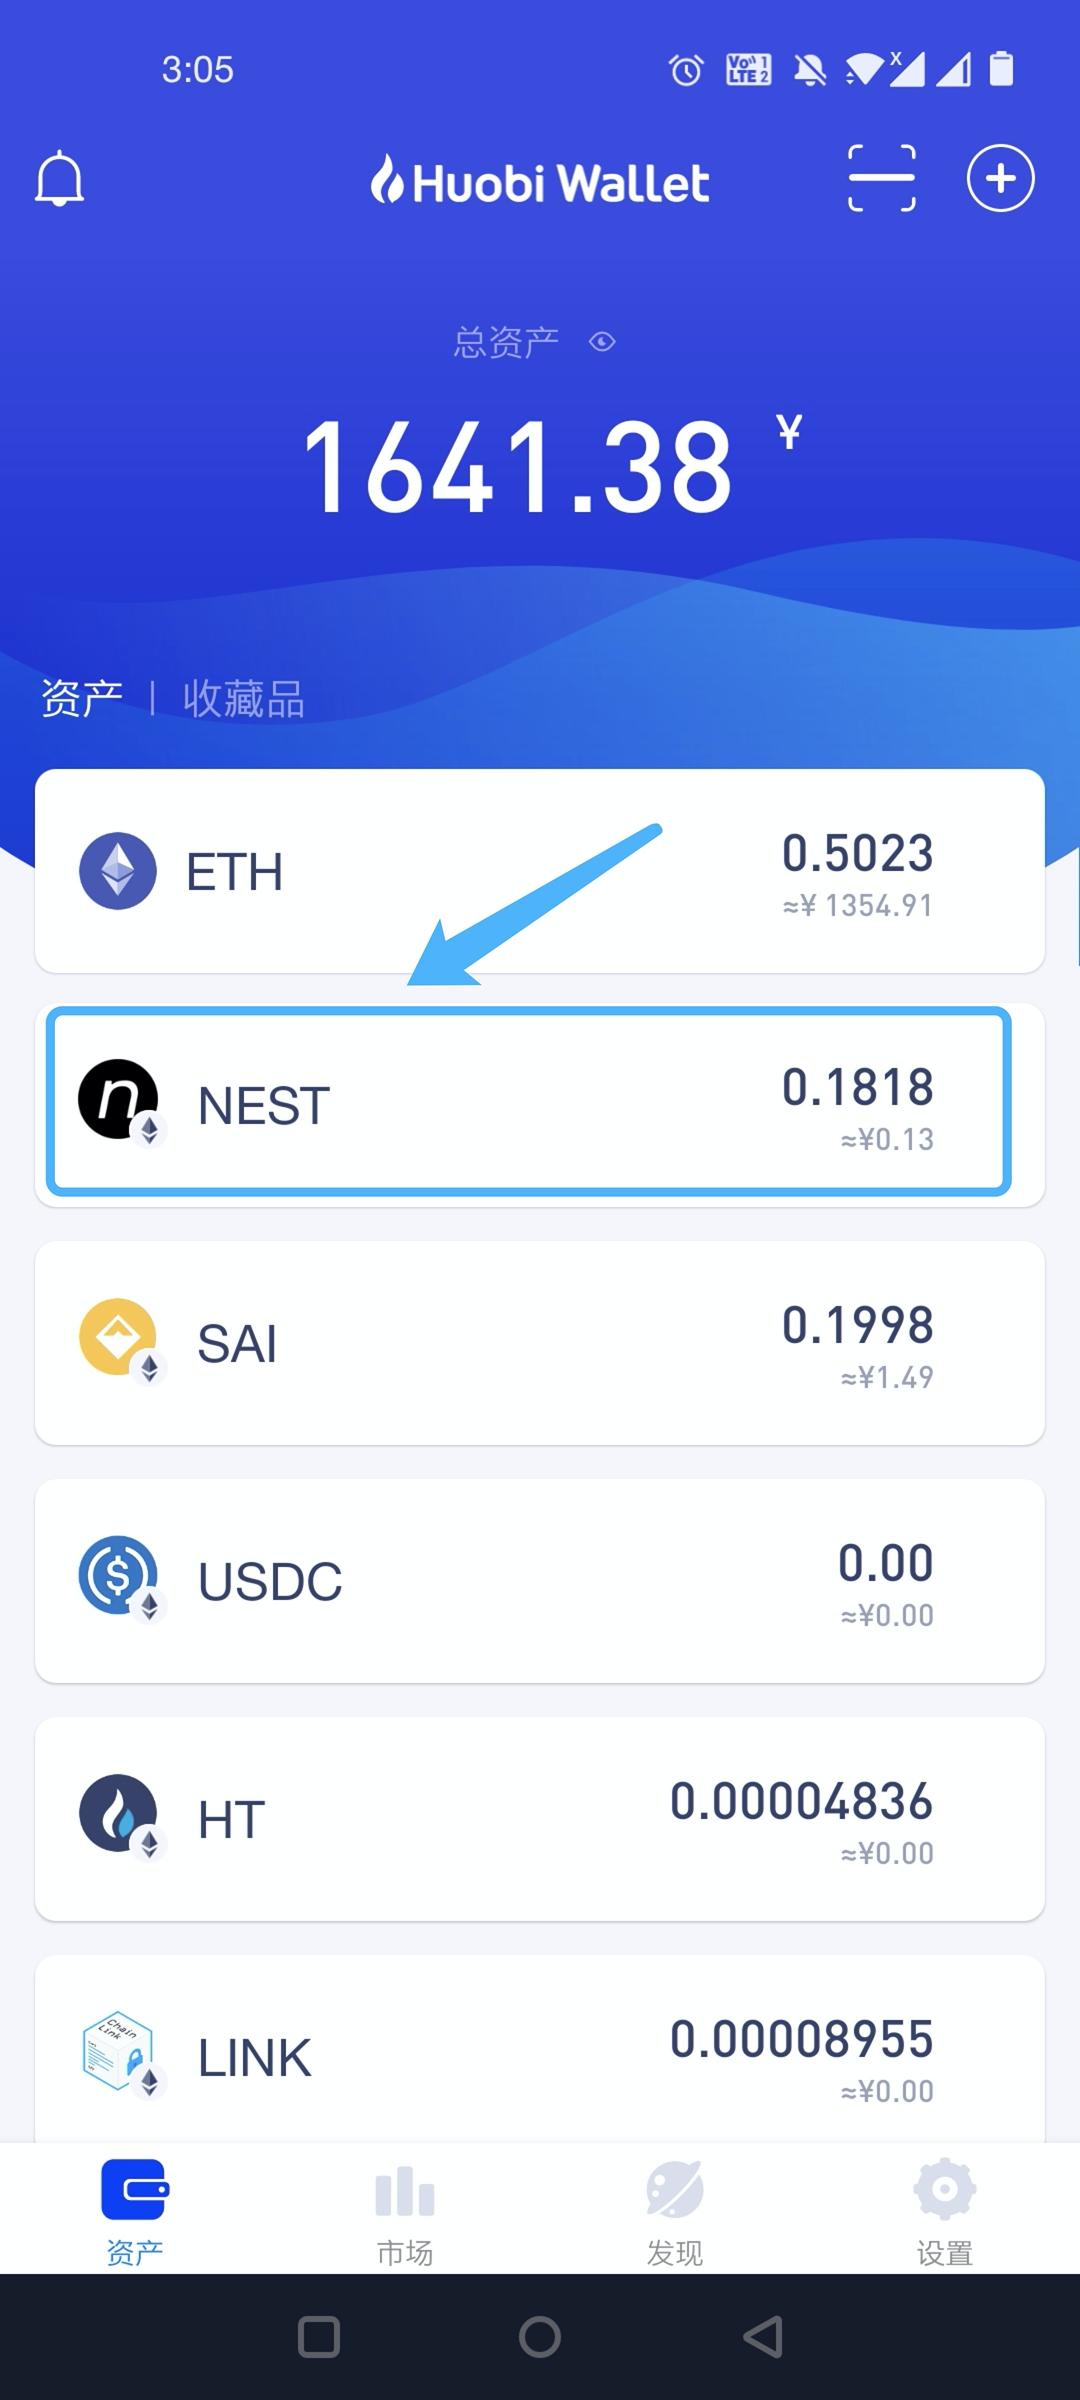 火币钱包现已支持 NEST 收益领取功能